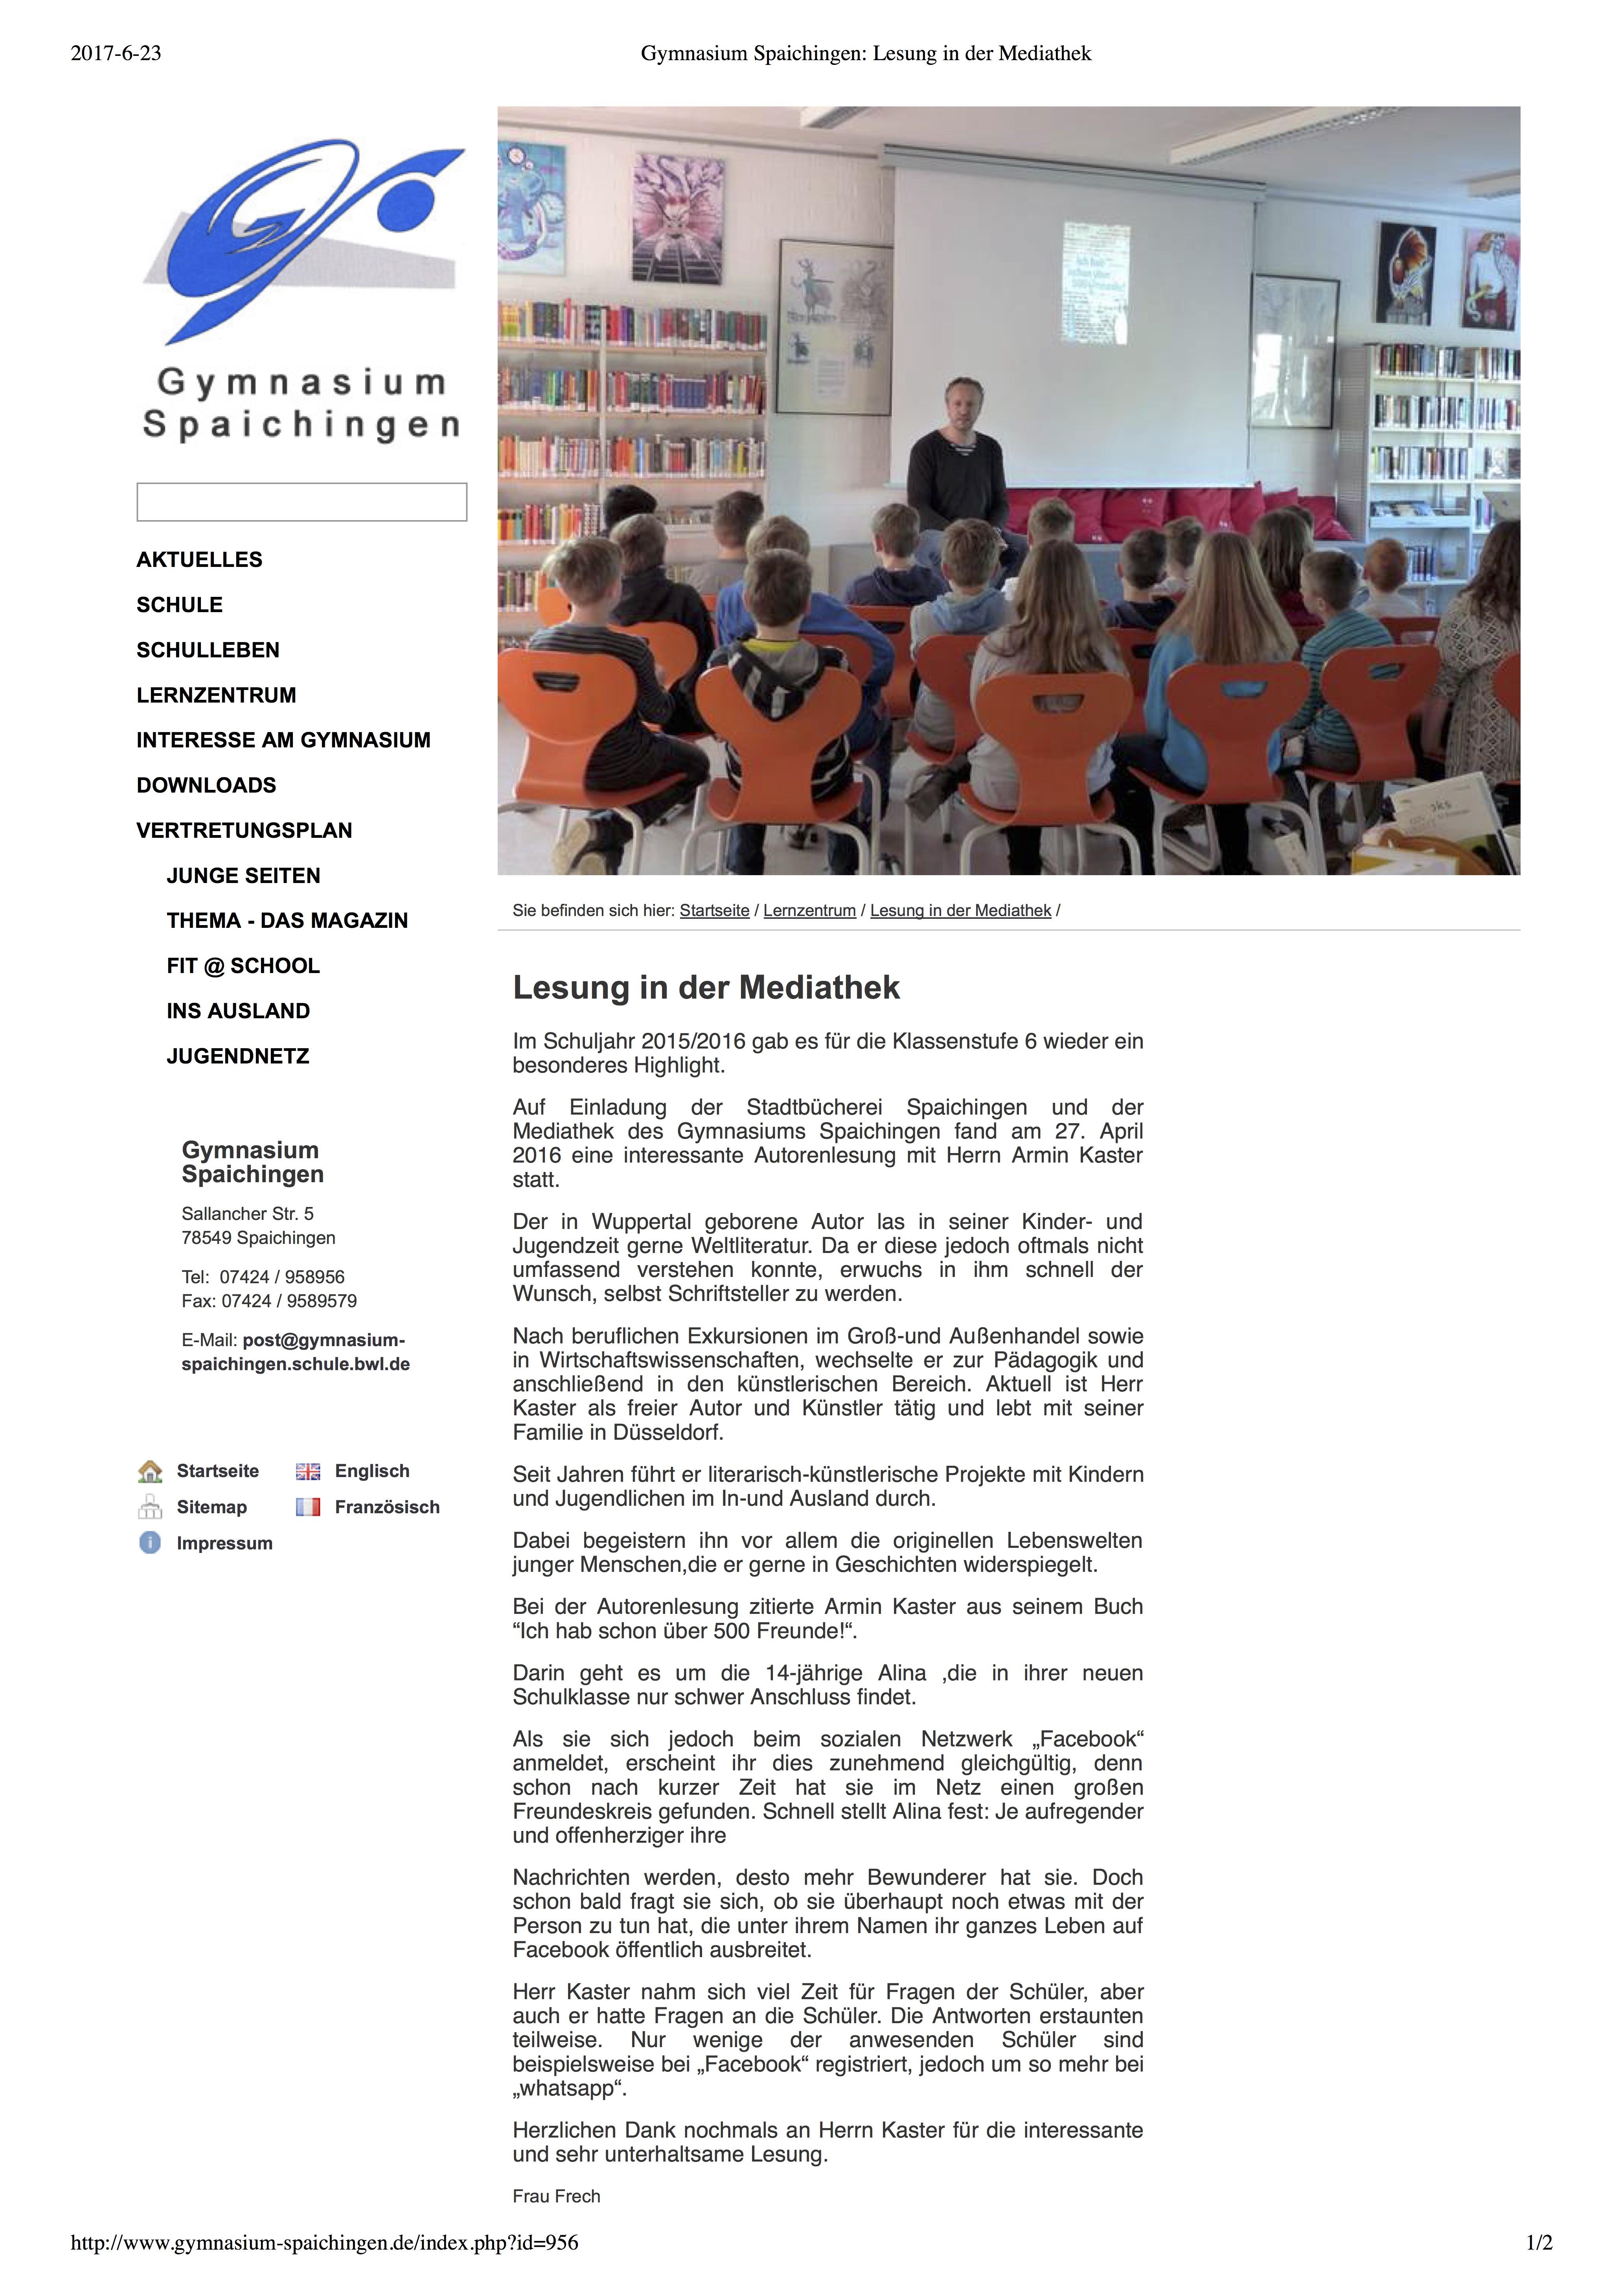 4. Gymnasium Spaichingen_ Lesung in der Mediathek